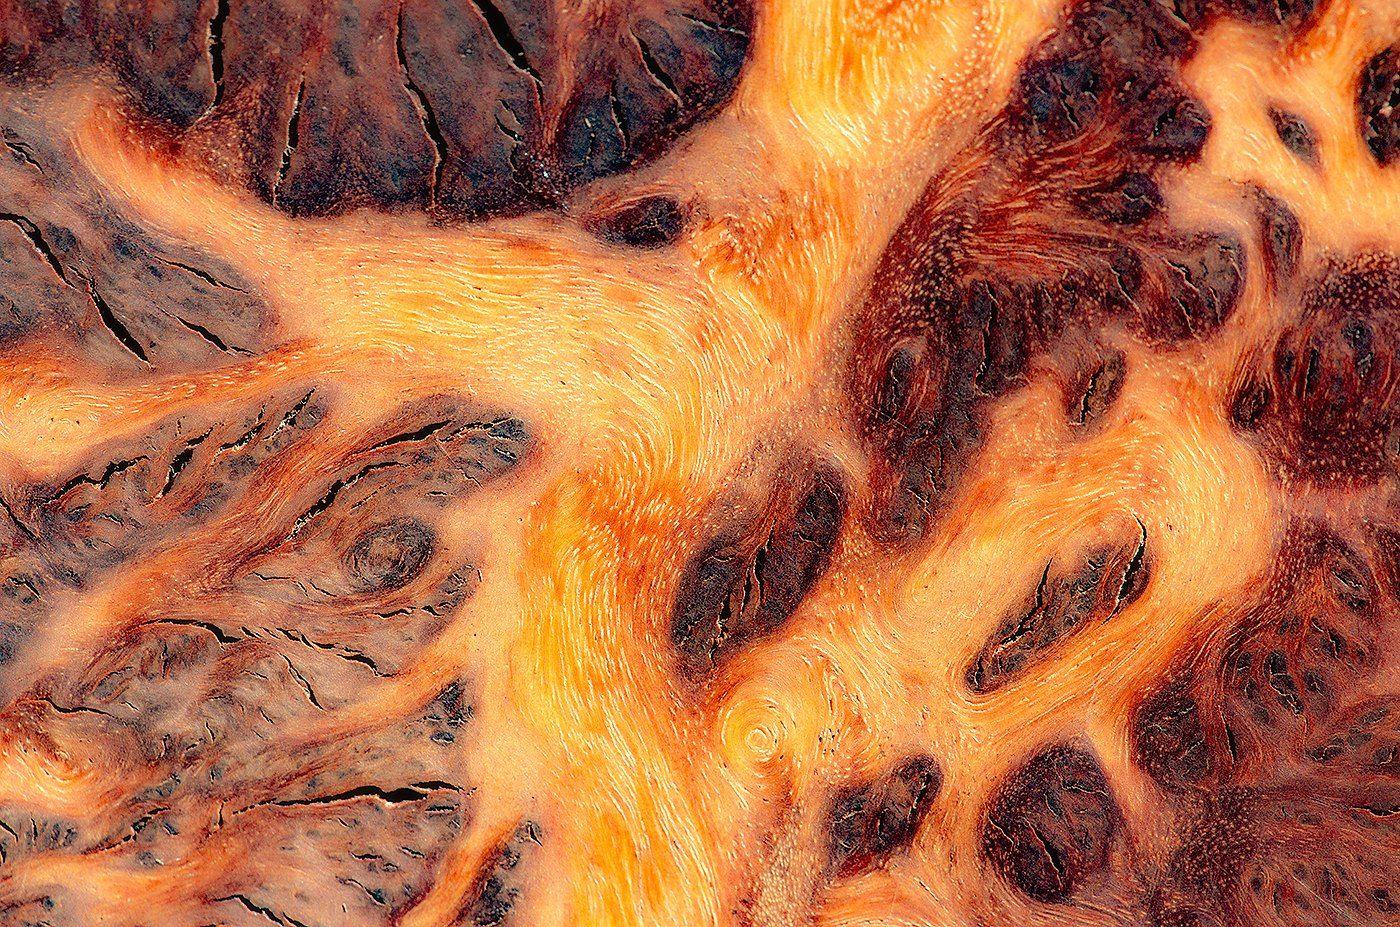 Daróczi Csaba: Drónnal a Marson képe